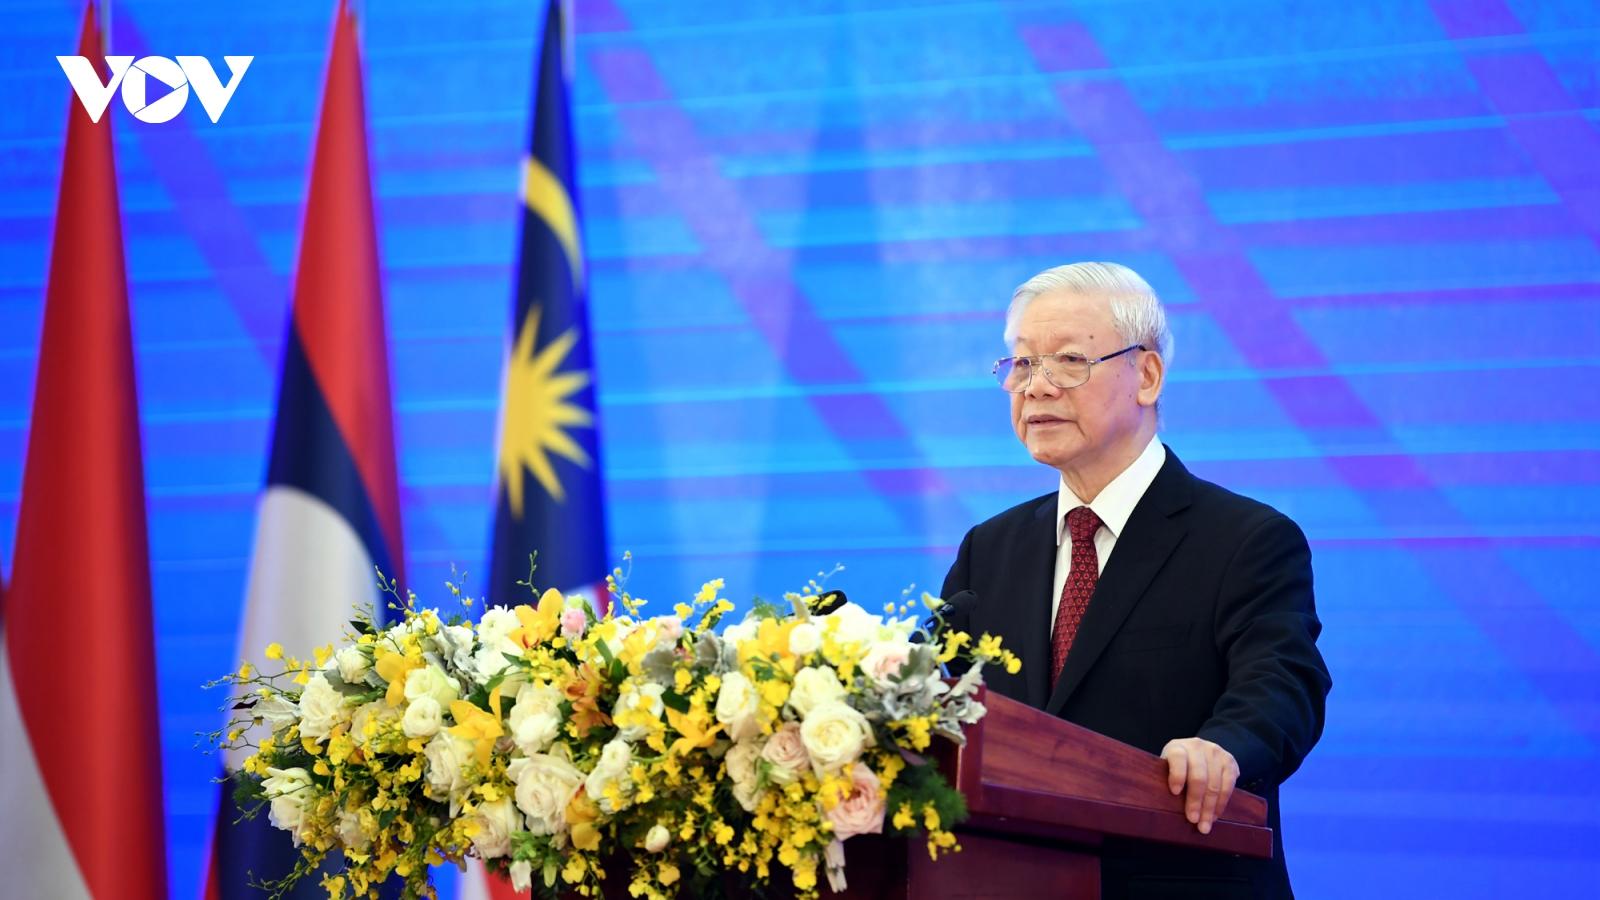 Toàn văn phát biểu của Tổng Bí thư, Chủ tịch nước tại Hội nghị Cấp cao ASEAN 37